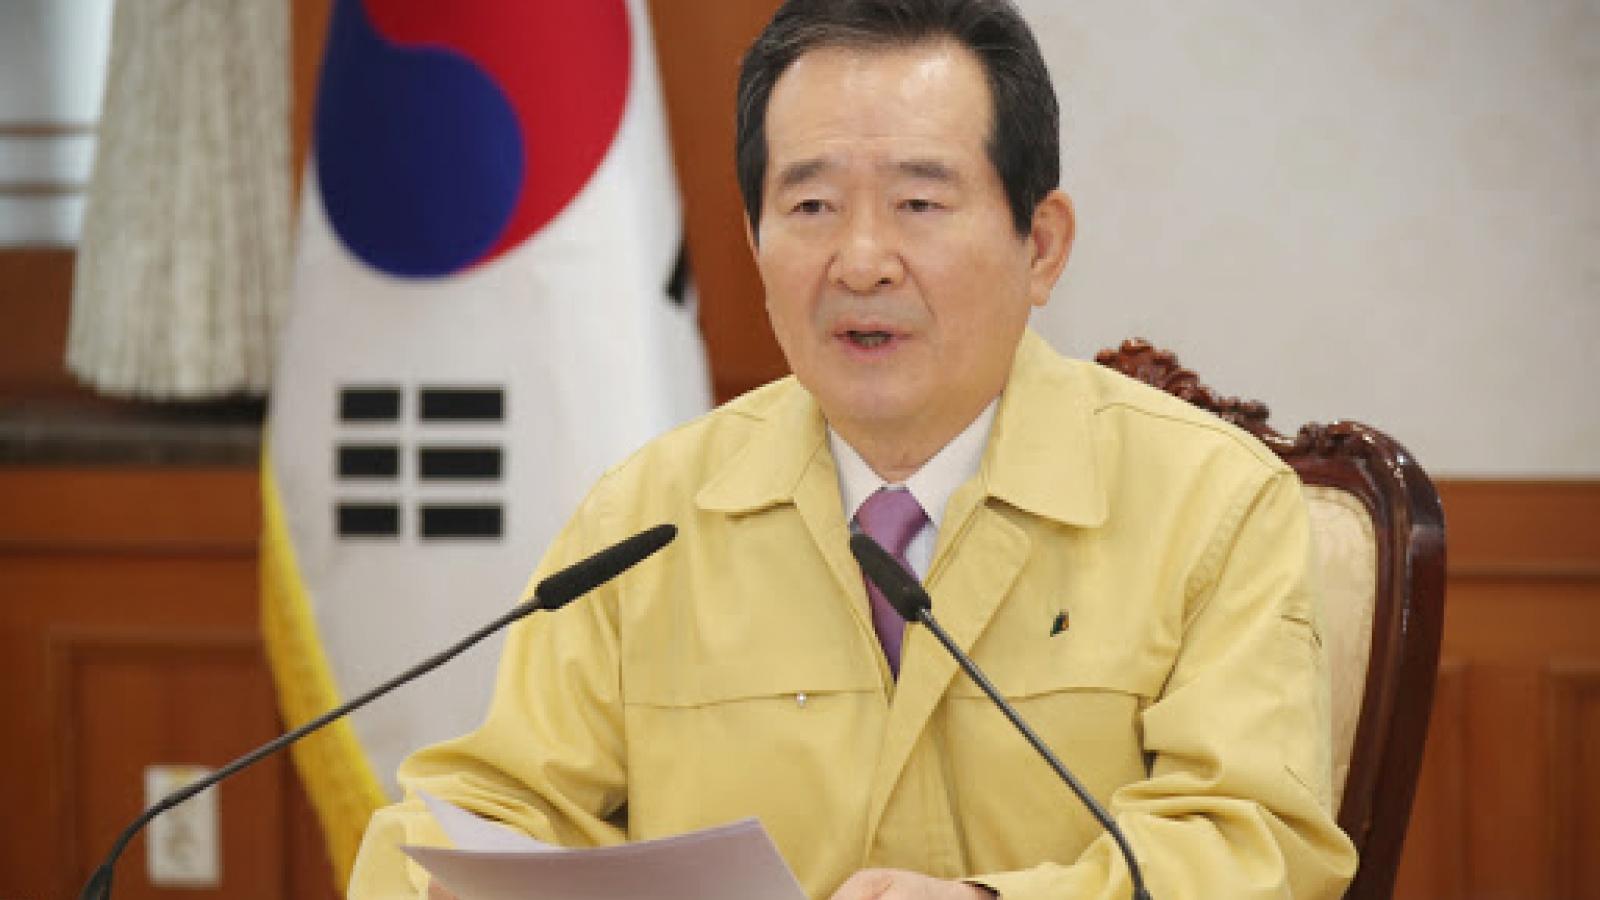 Số ca Covid-19 tăng kỷ lục, Thủ tướng Hàn Quốc ra lời kêu gọi khẩn cấp